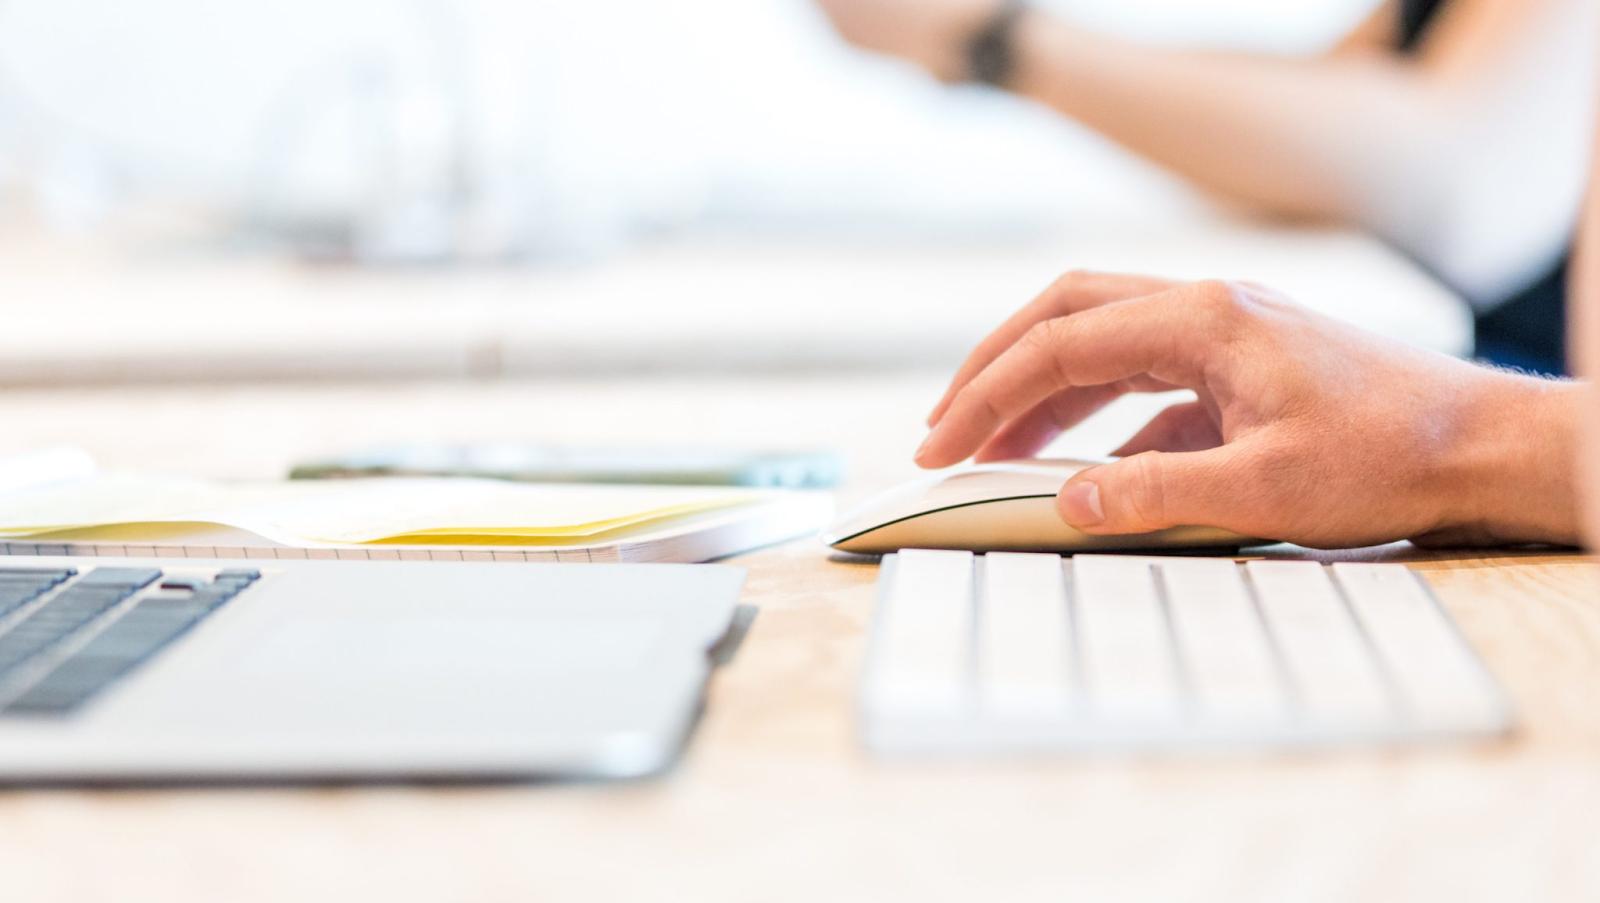 Quando si tratta di creazione di contenuti, il marketing visivo è la chiave per invogliare le persone a cliccare..